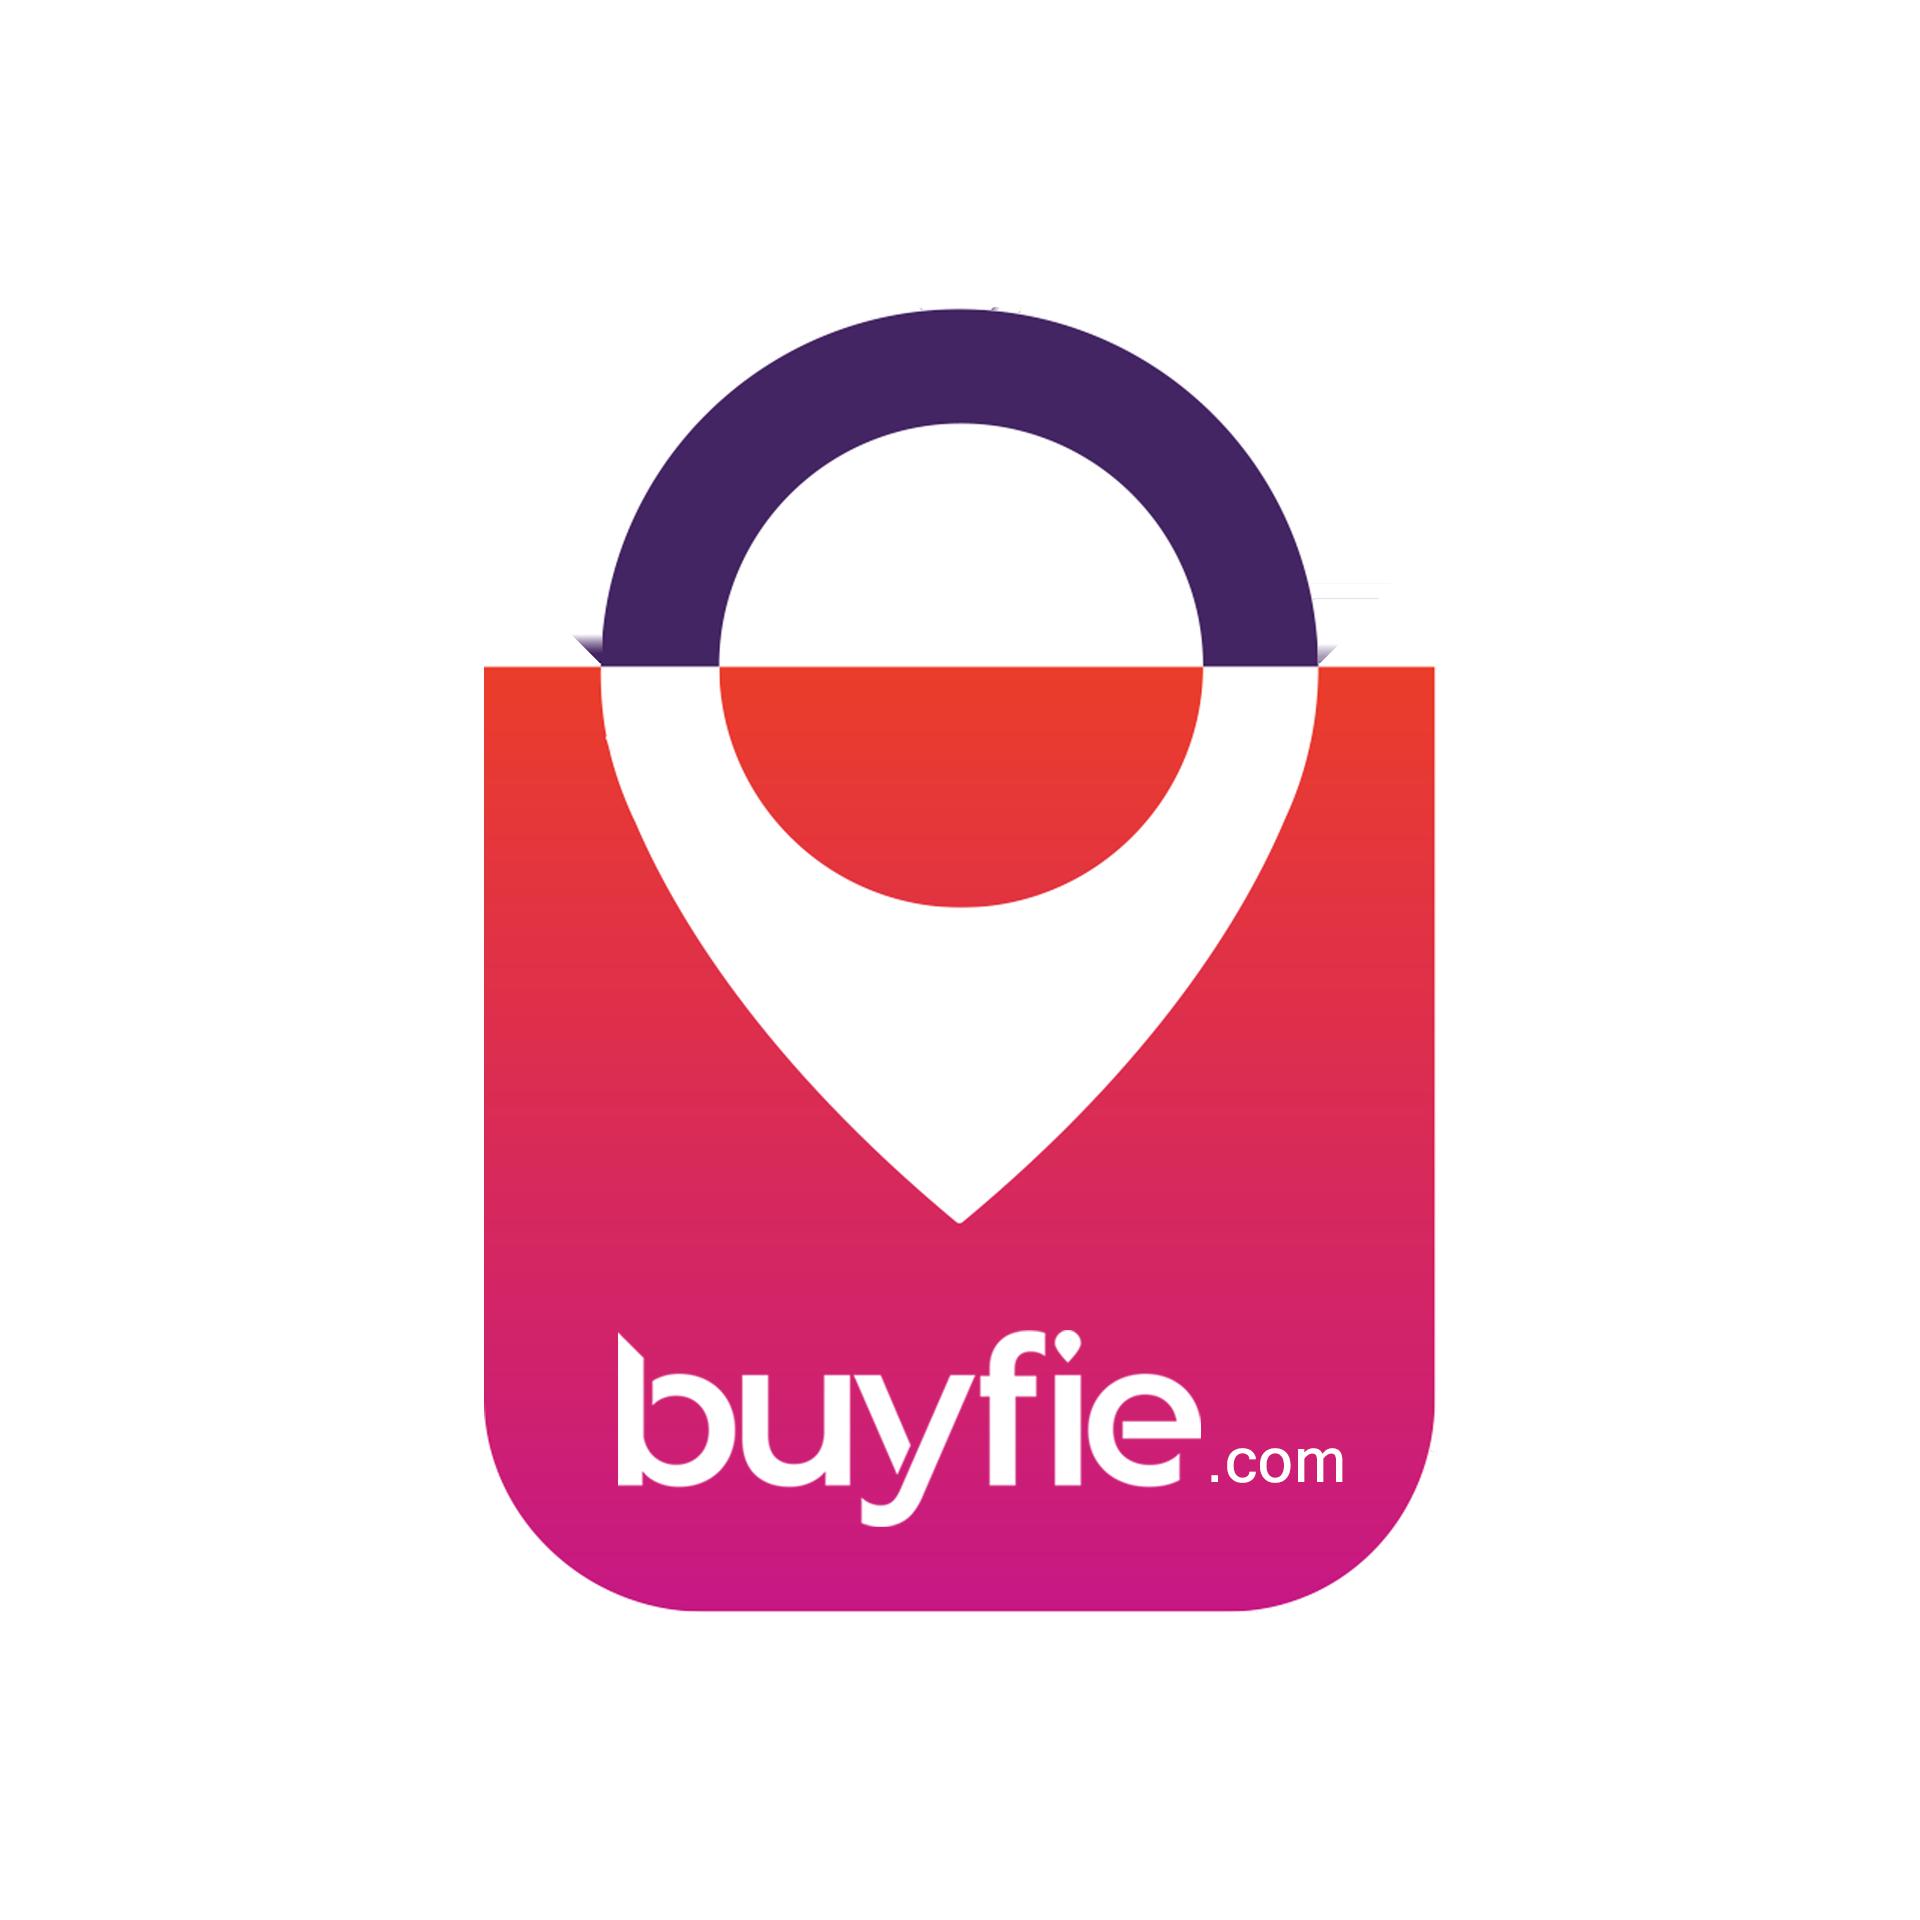 buyfie logo